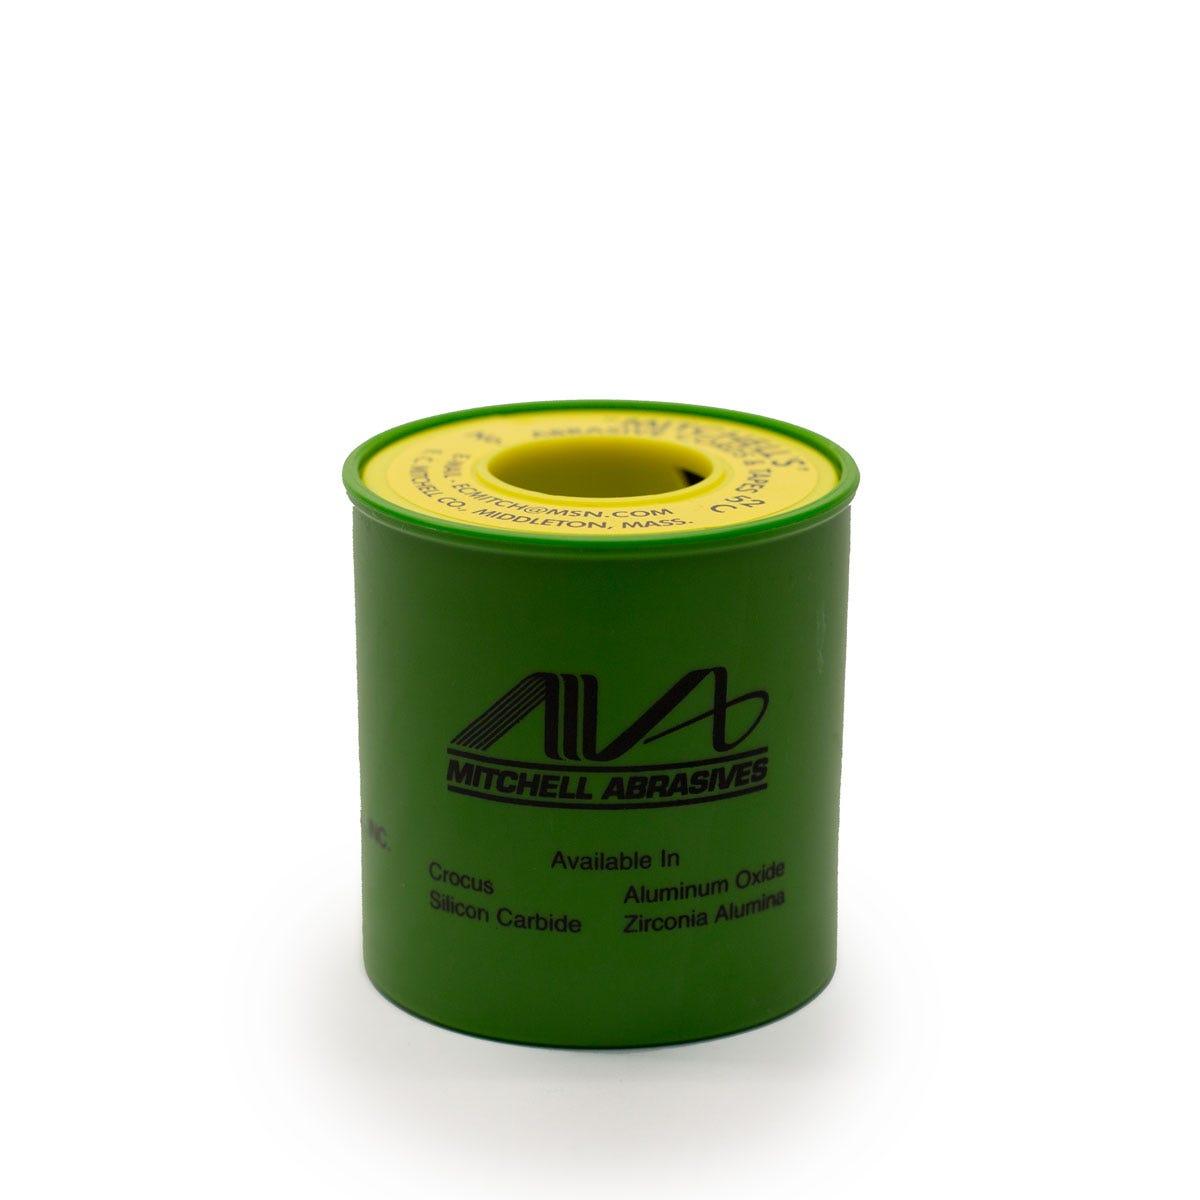 DULALA N/ähen Pins Kit Stoff Schr/ägband Maker mit Binder Fu/ß Bradawl Quilten Clips Schr/ägband Maker 6MM 12MM 18MM 25MM